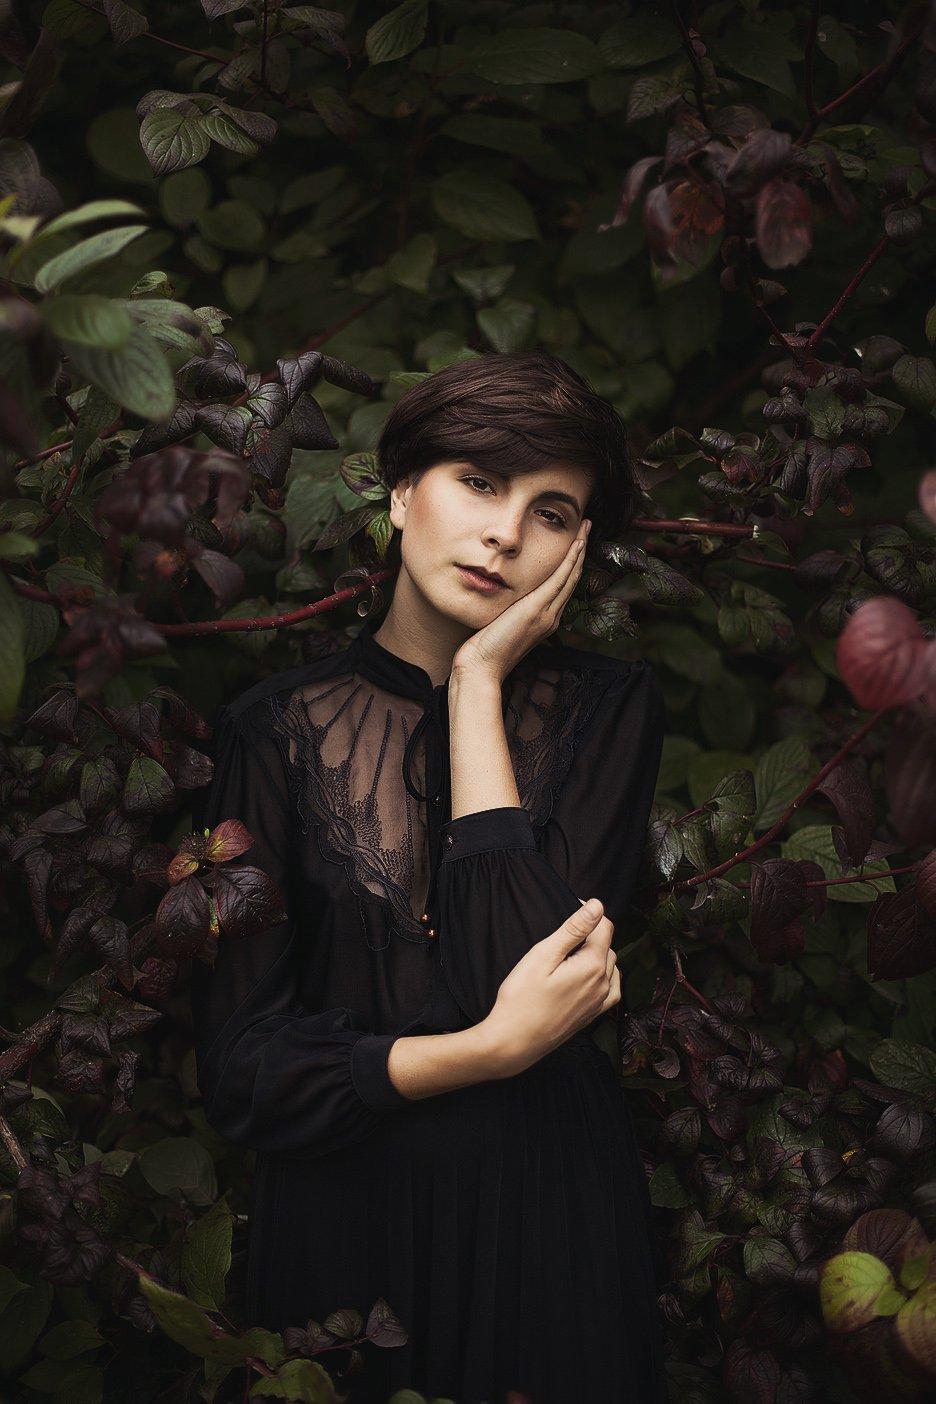 Девушка, Кружева, Листья, Стрижка, Черное платье, Sanica